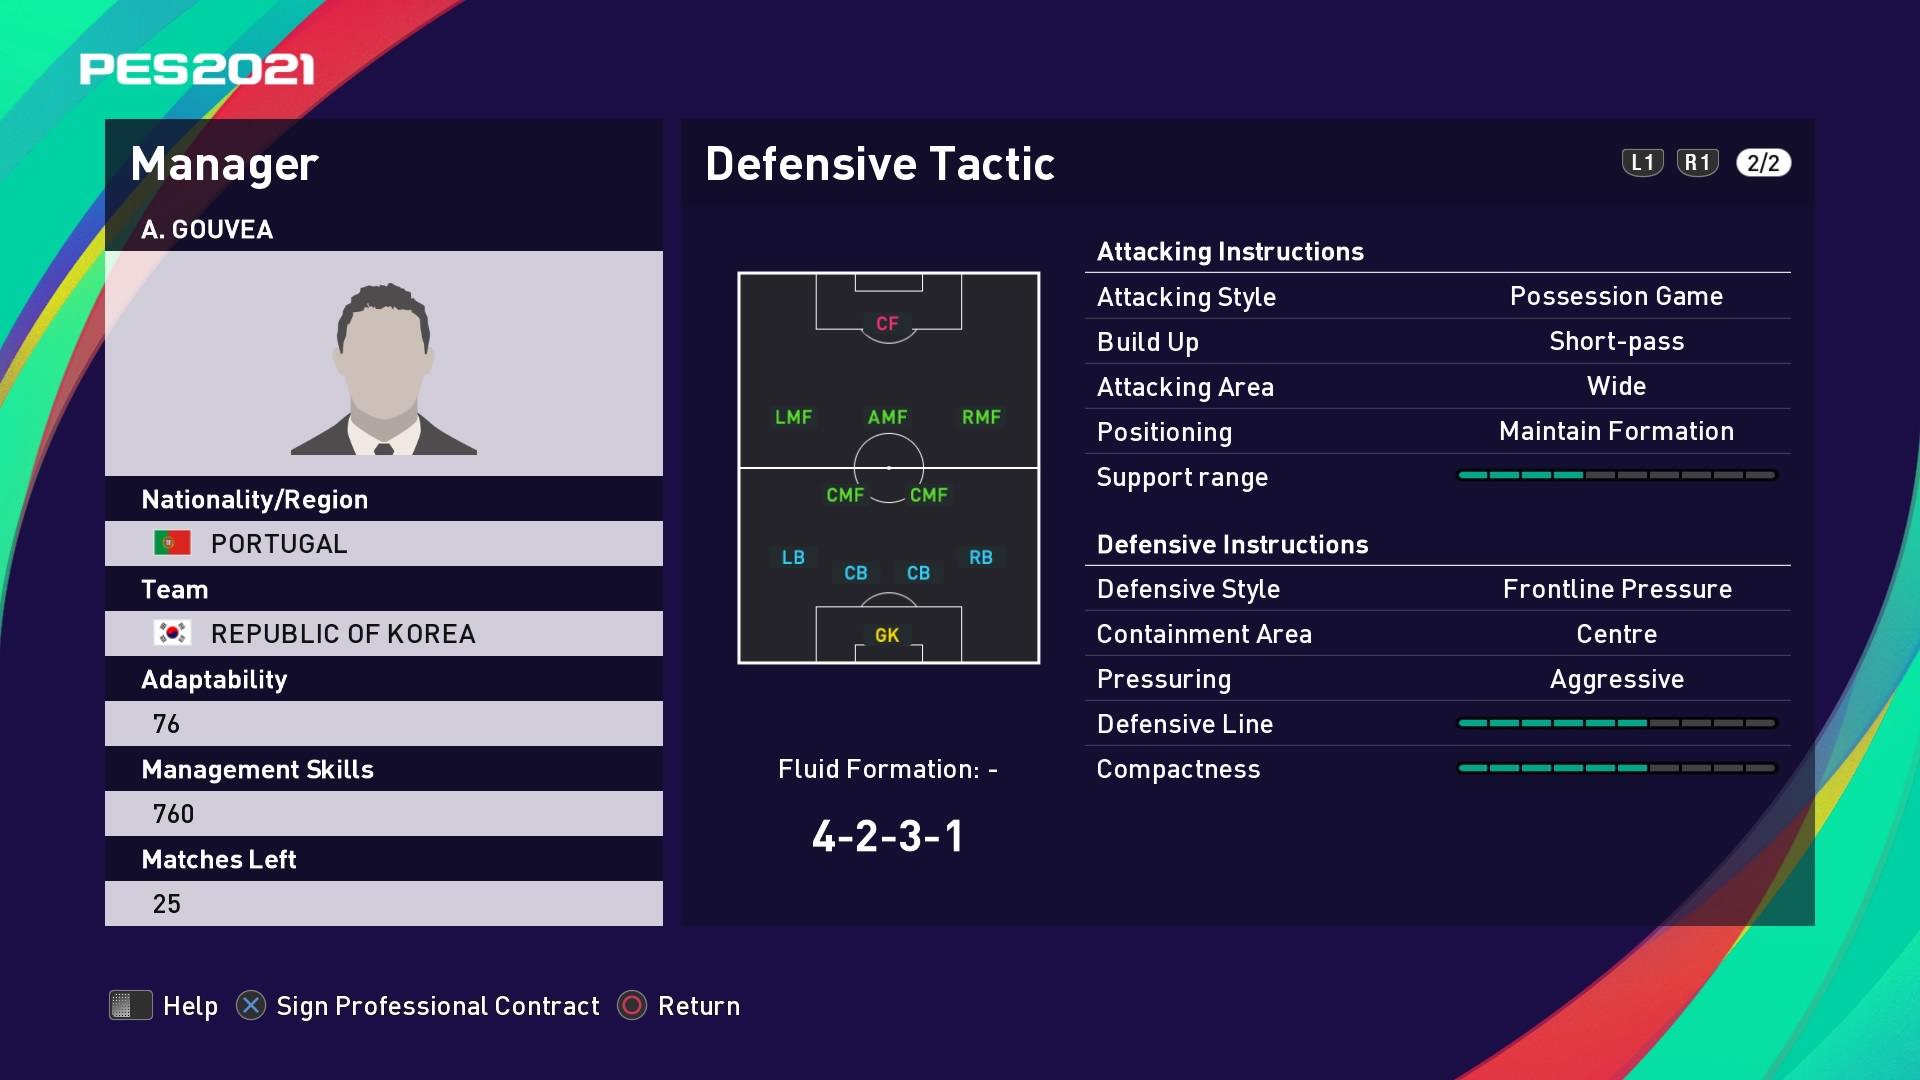 A. Gouvea (Paulo Bento) Defensive Tactic in PES 2021 myClub